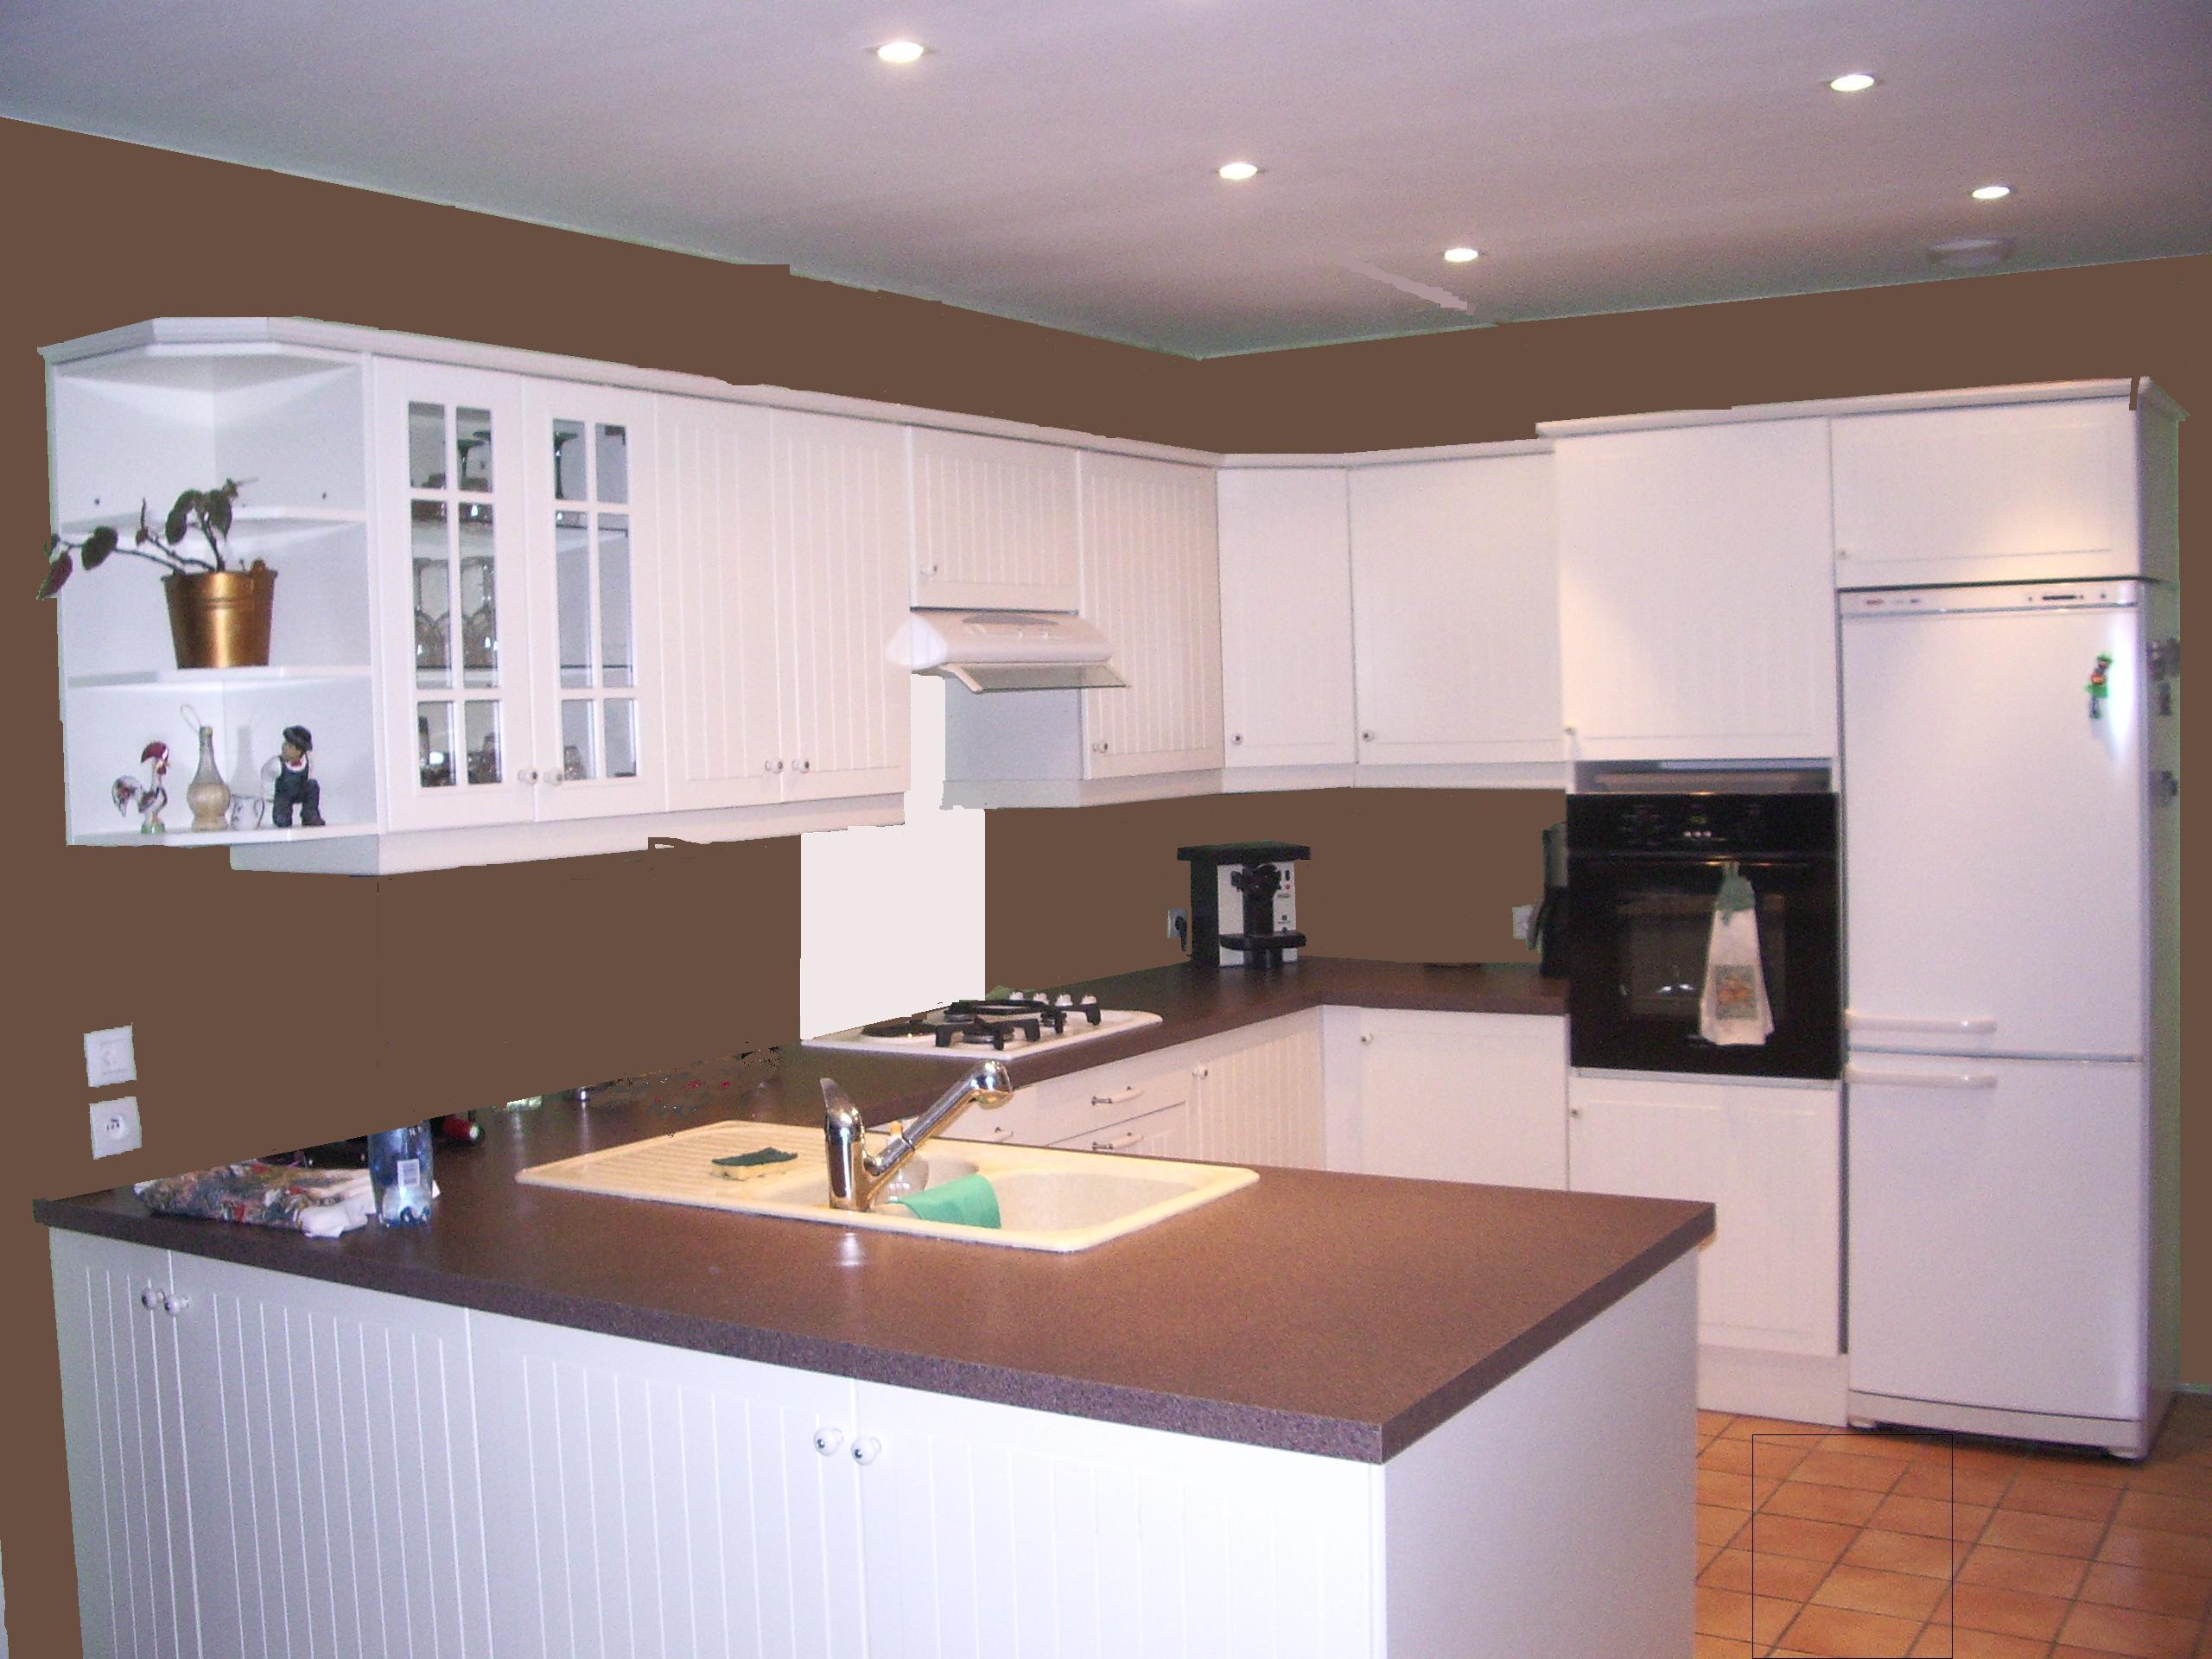 Exemple De Décoration Peinture Cuisine Atwebsterfr Maison Et